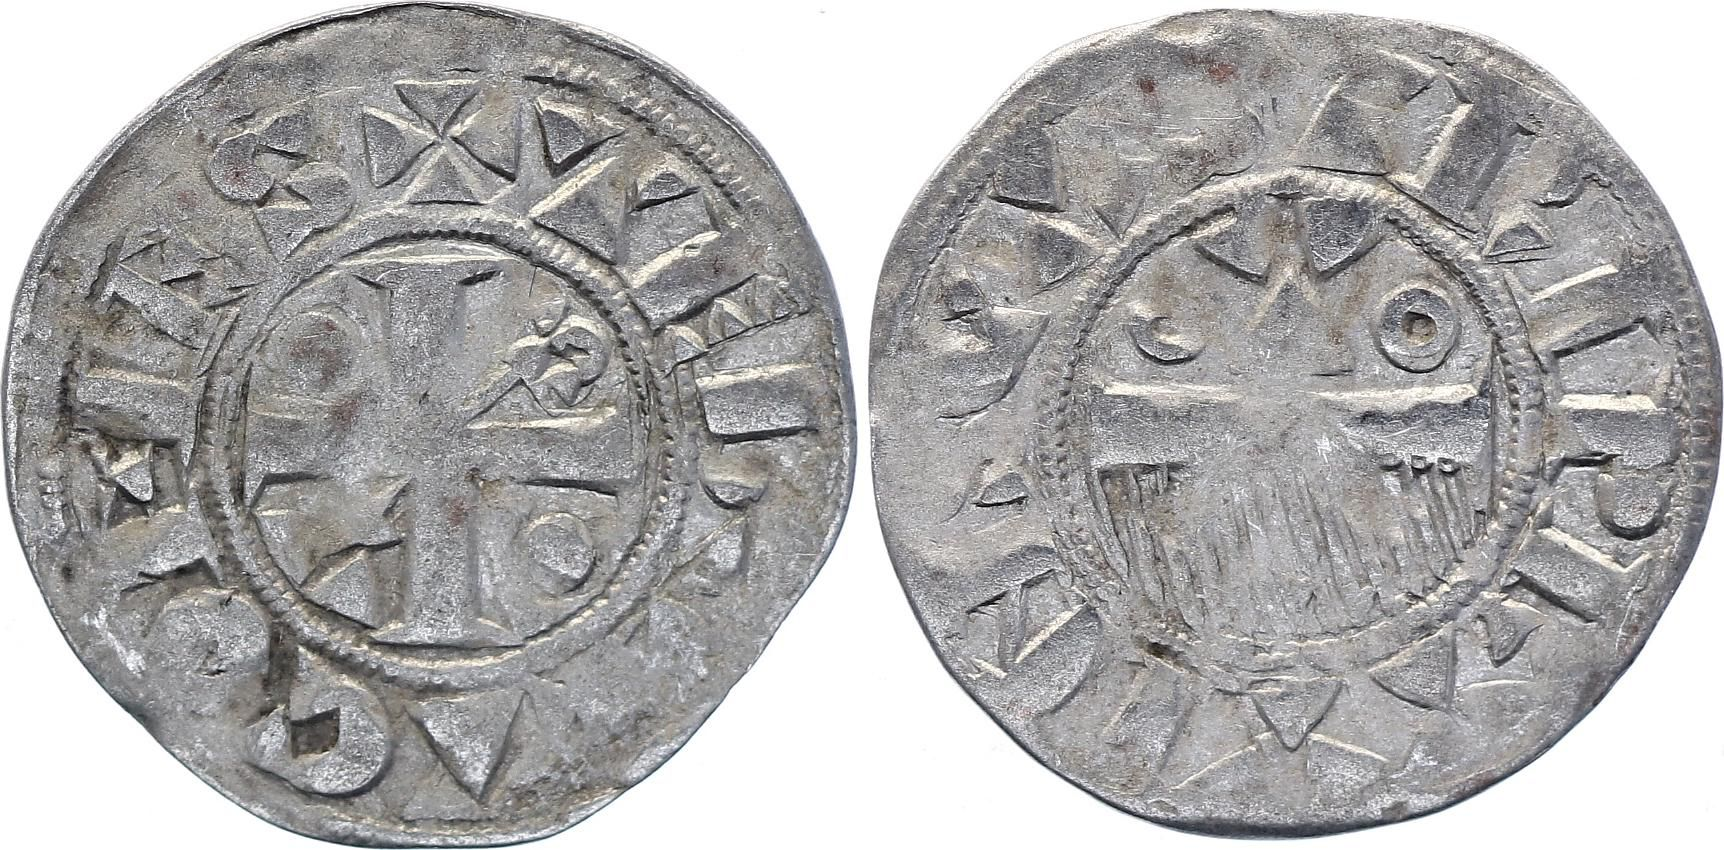 France Denier dit au Peigne - Henri II - Comté de Provins - Champagne - 1180-1197